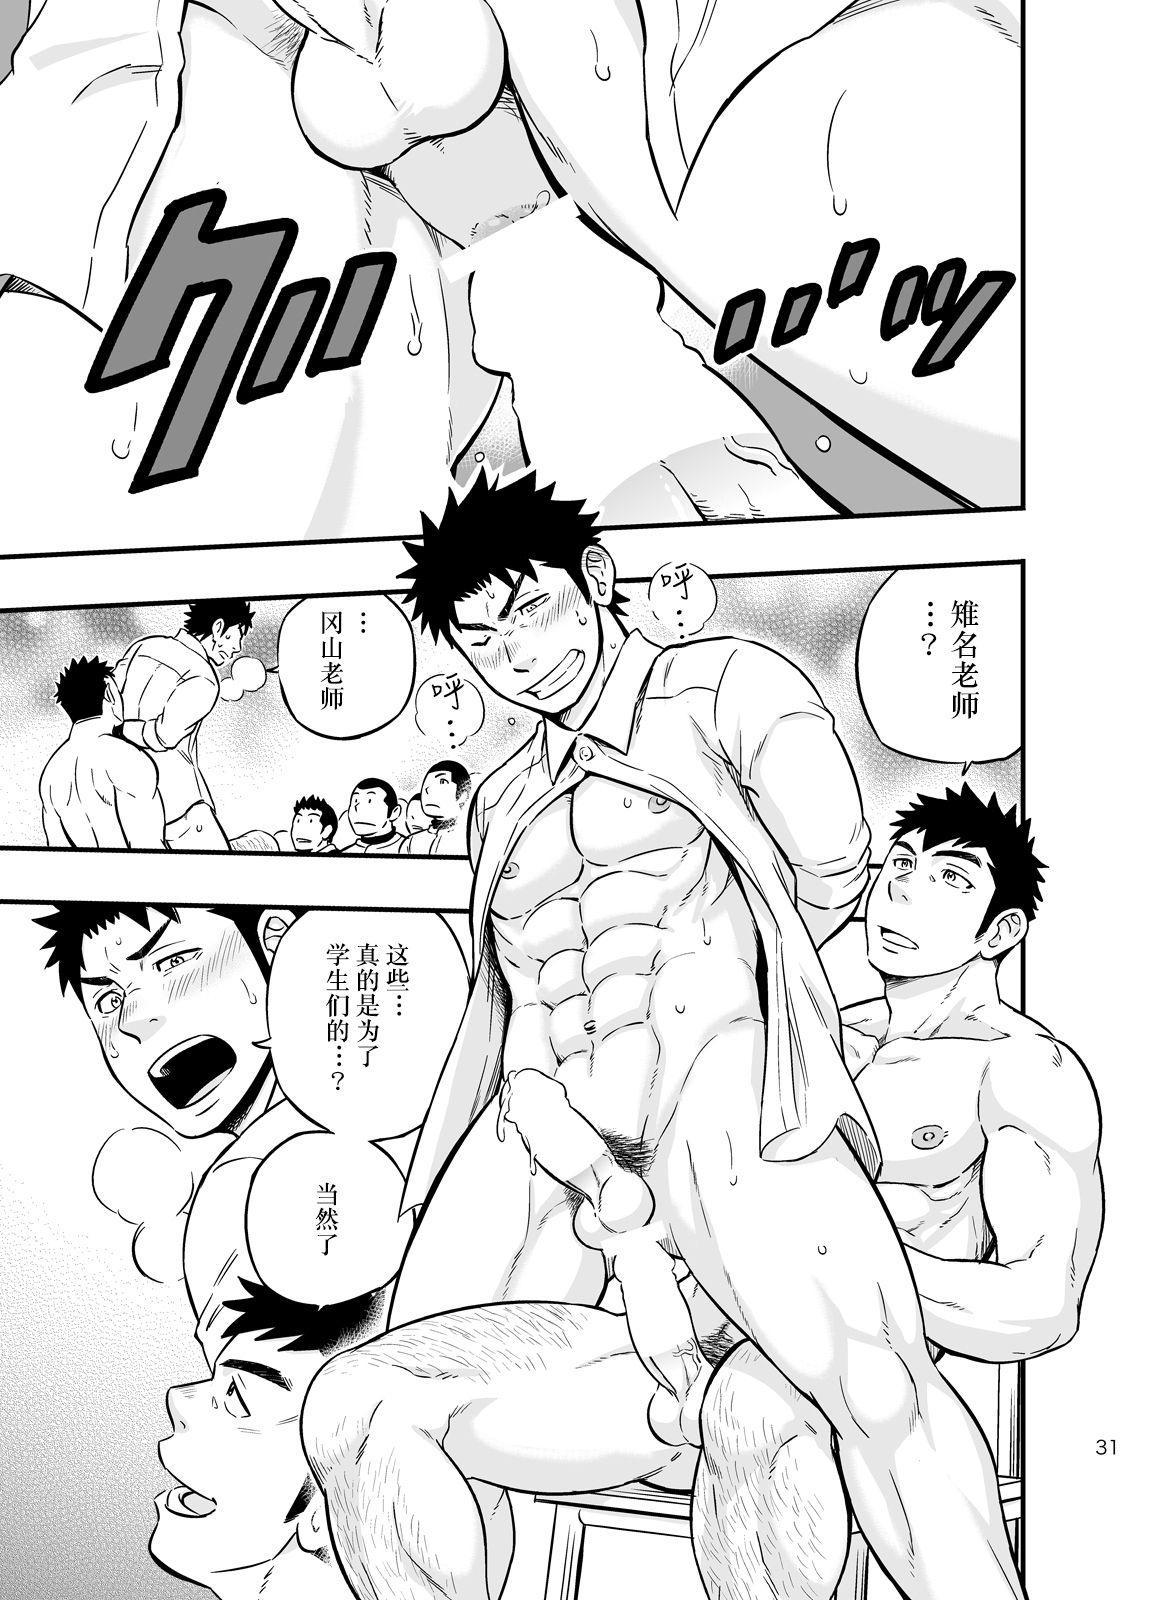 Moshimo Danshikou no Hoken Taiiku ga Jitsugi Ari Dattara 2 | 如果男校的保健体育课有实践环节的话 2 29